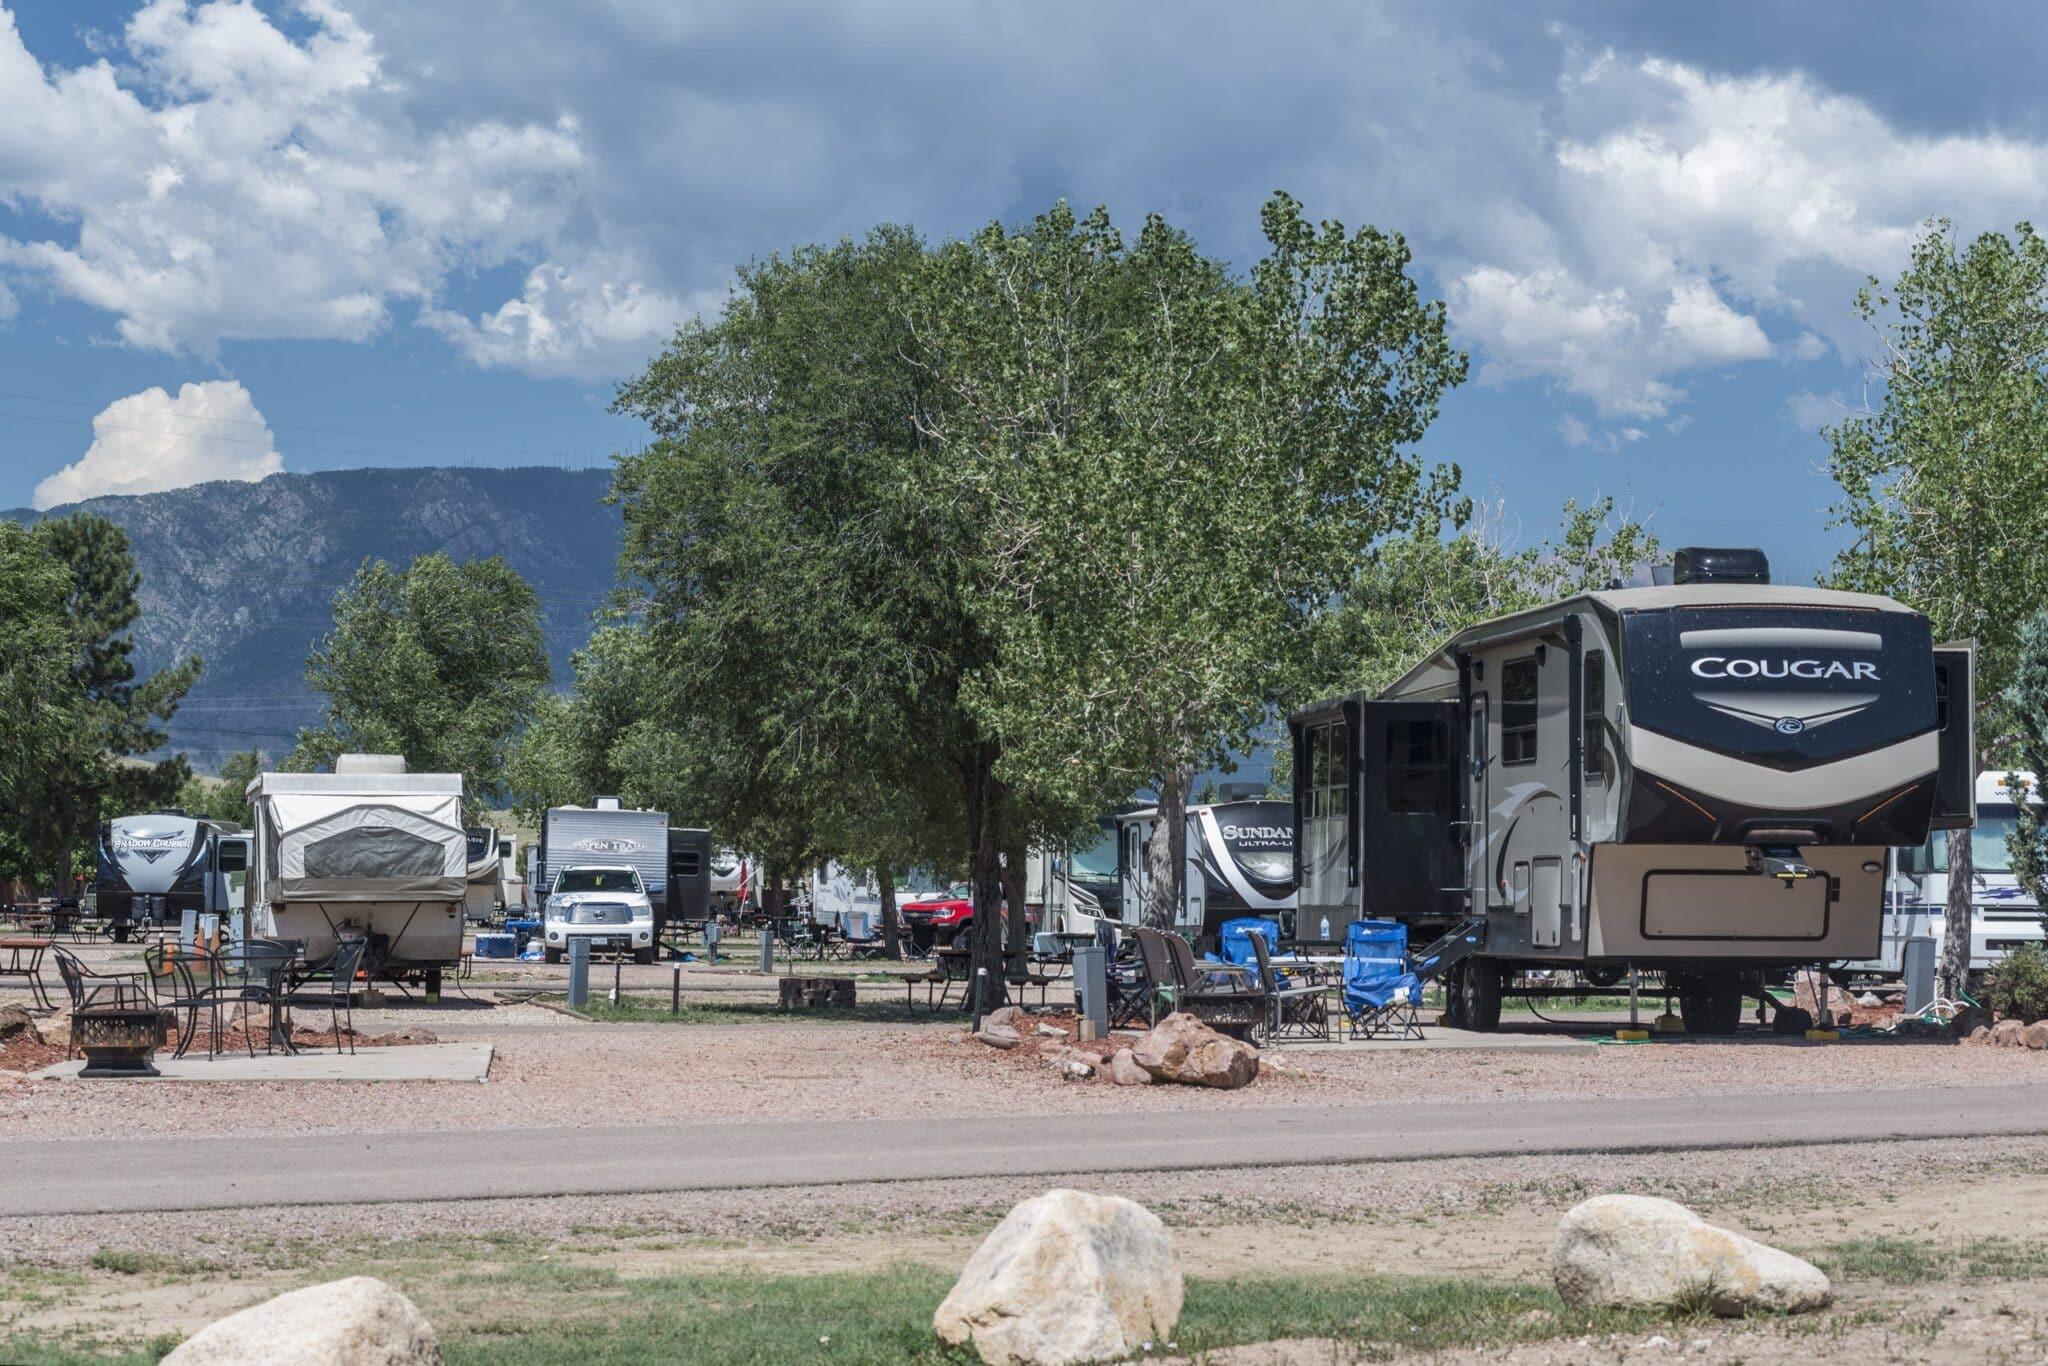 Colorado Springs KOA